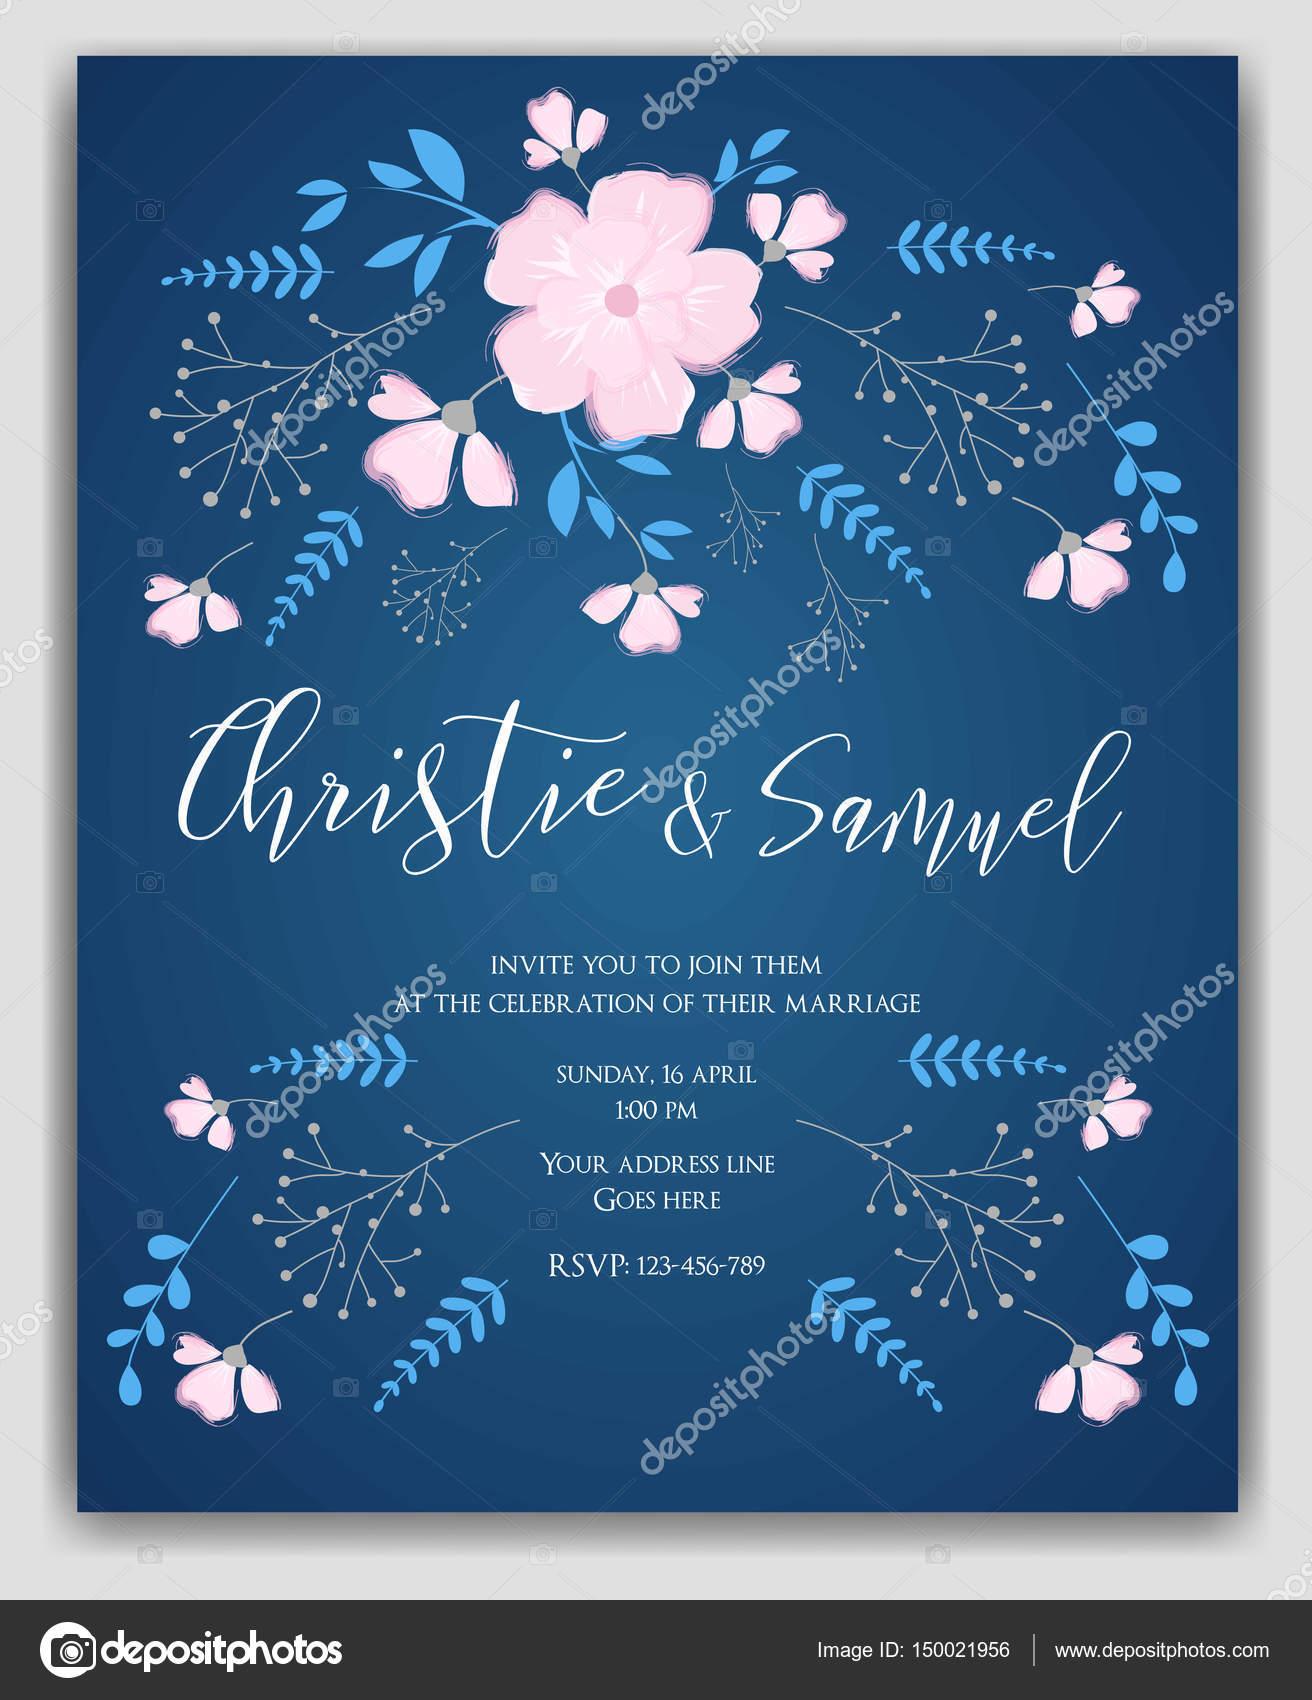 Hochzeit Einladung Vorlage Blumen Stockvektor C Artlana 150021956